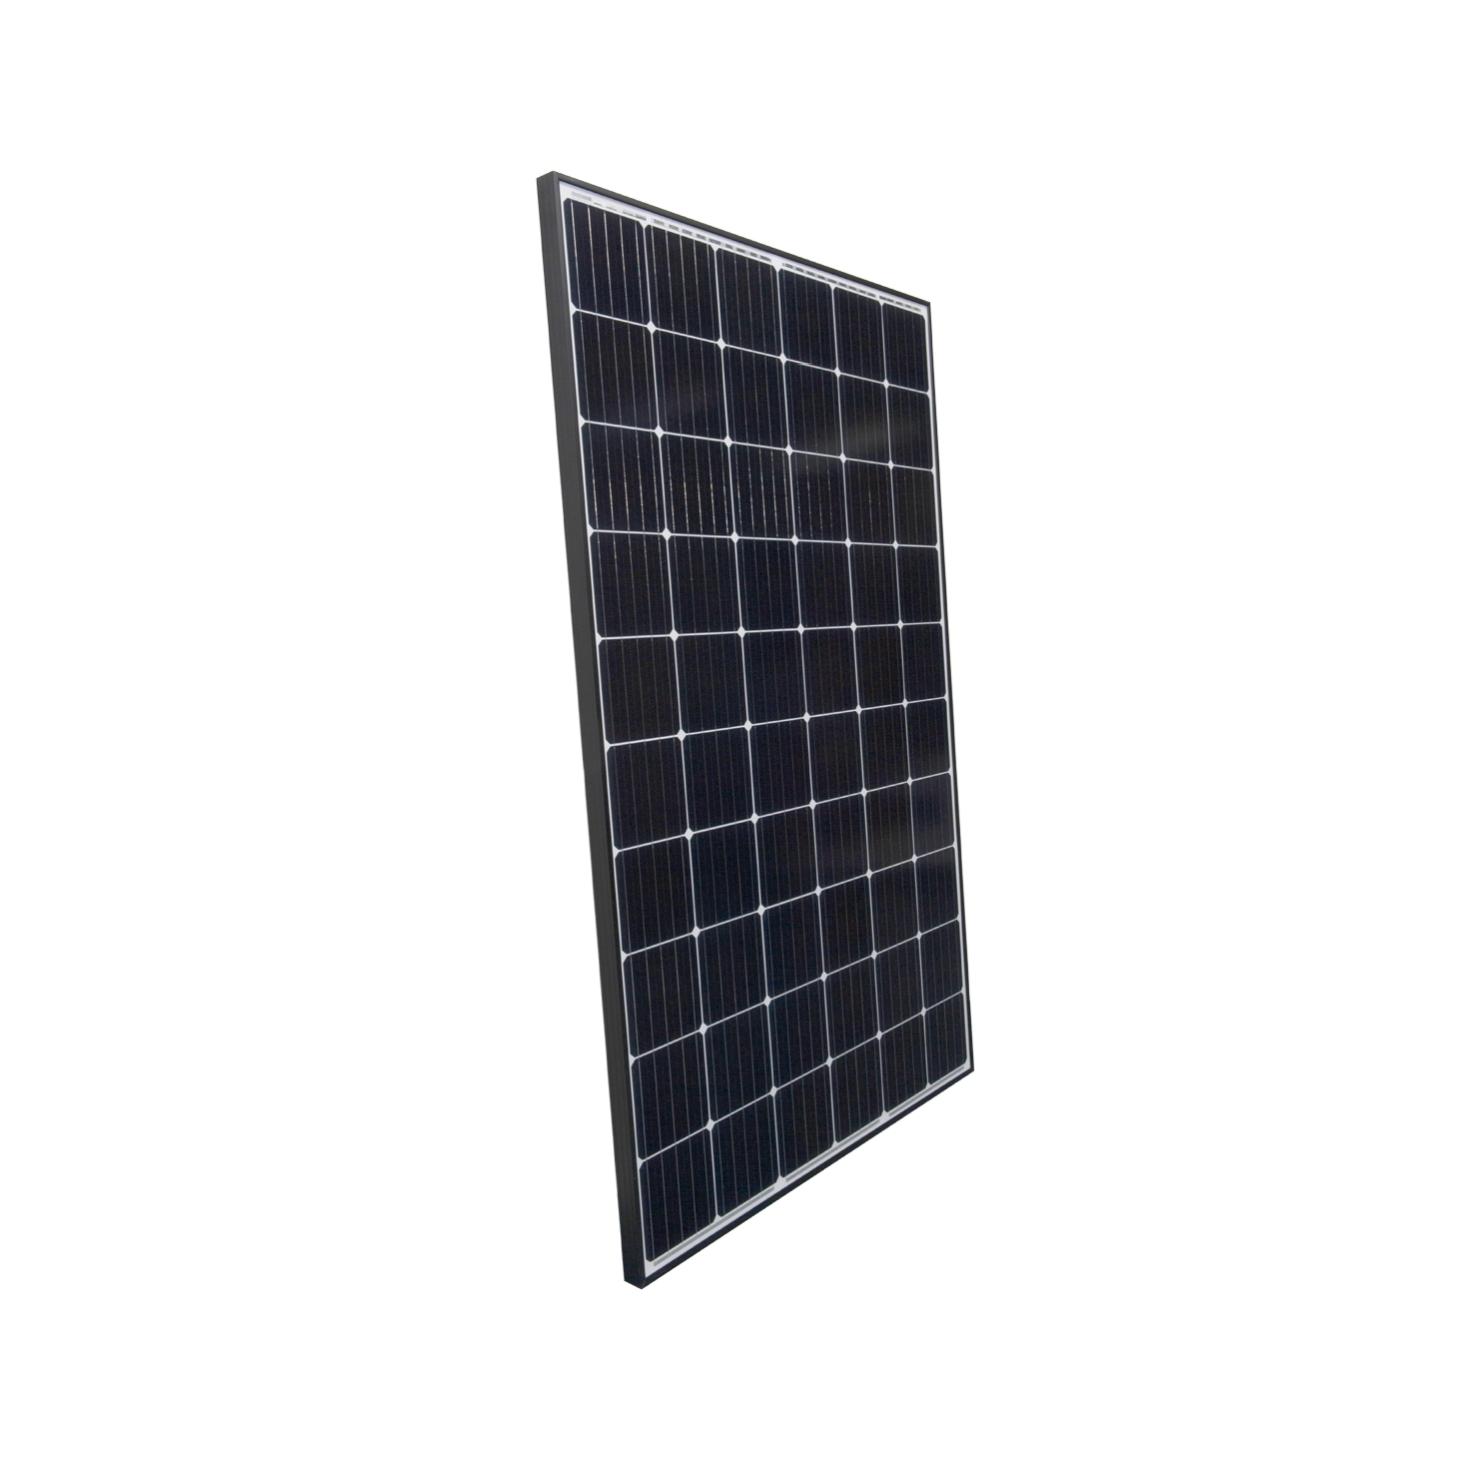 285W Monocrystalline Solar Module (Z001-STP285S-20/Wfm)